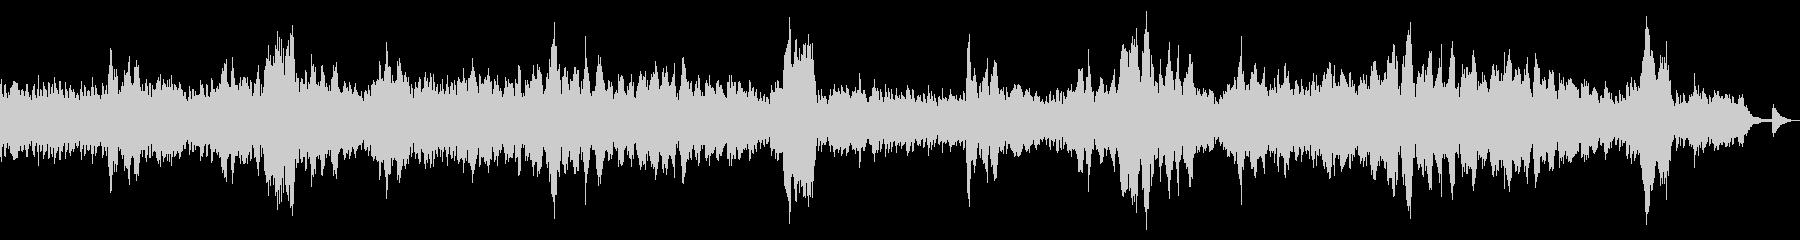 トスティのセレナータ 軽快なクラシック の未再生の波形